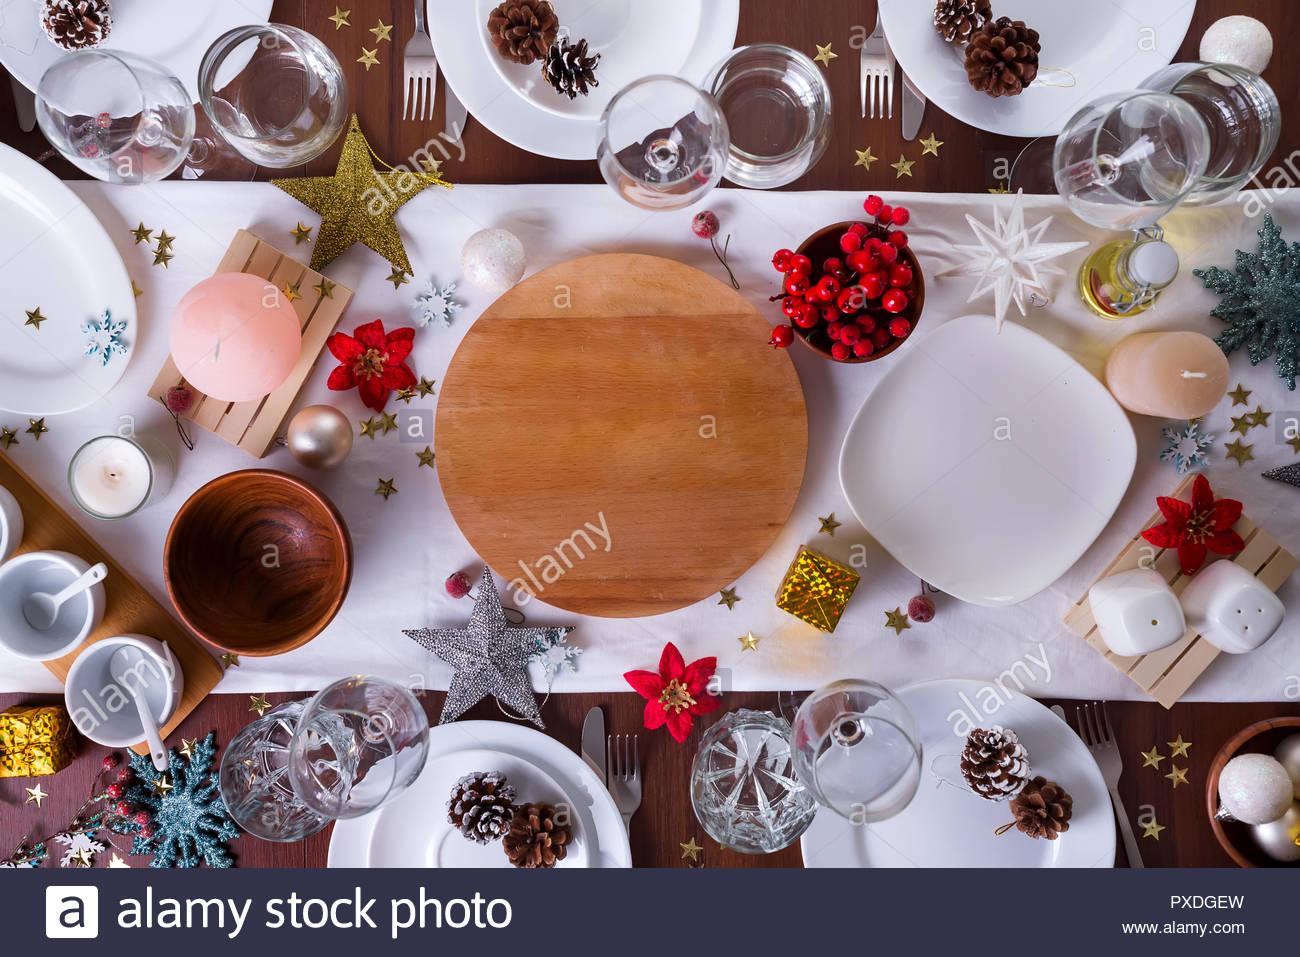 Decorazioni Da Tavola Per Natale : Oggetti per il servizio da tavola e decorazioni per servire per